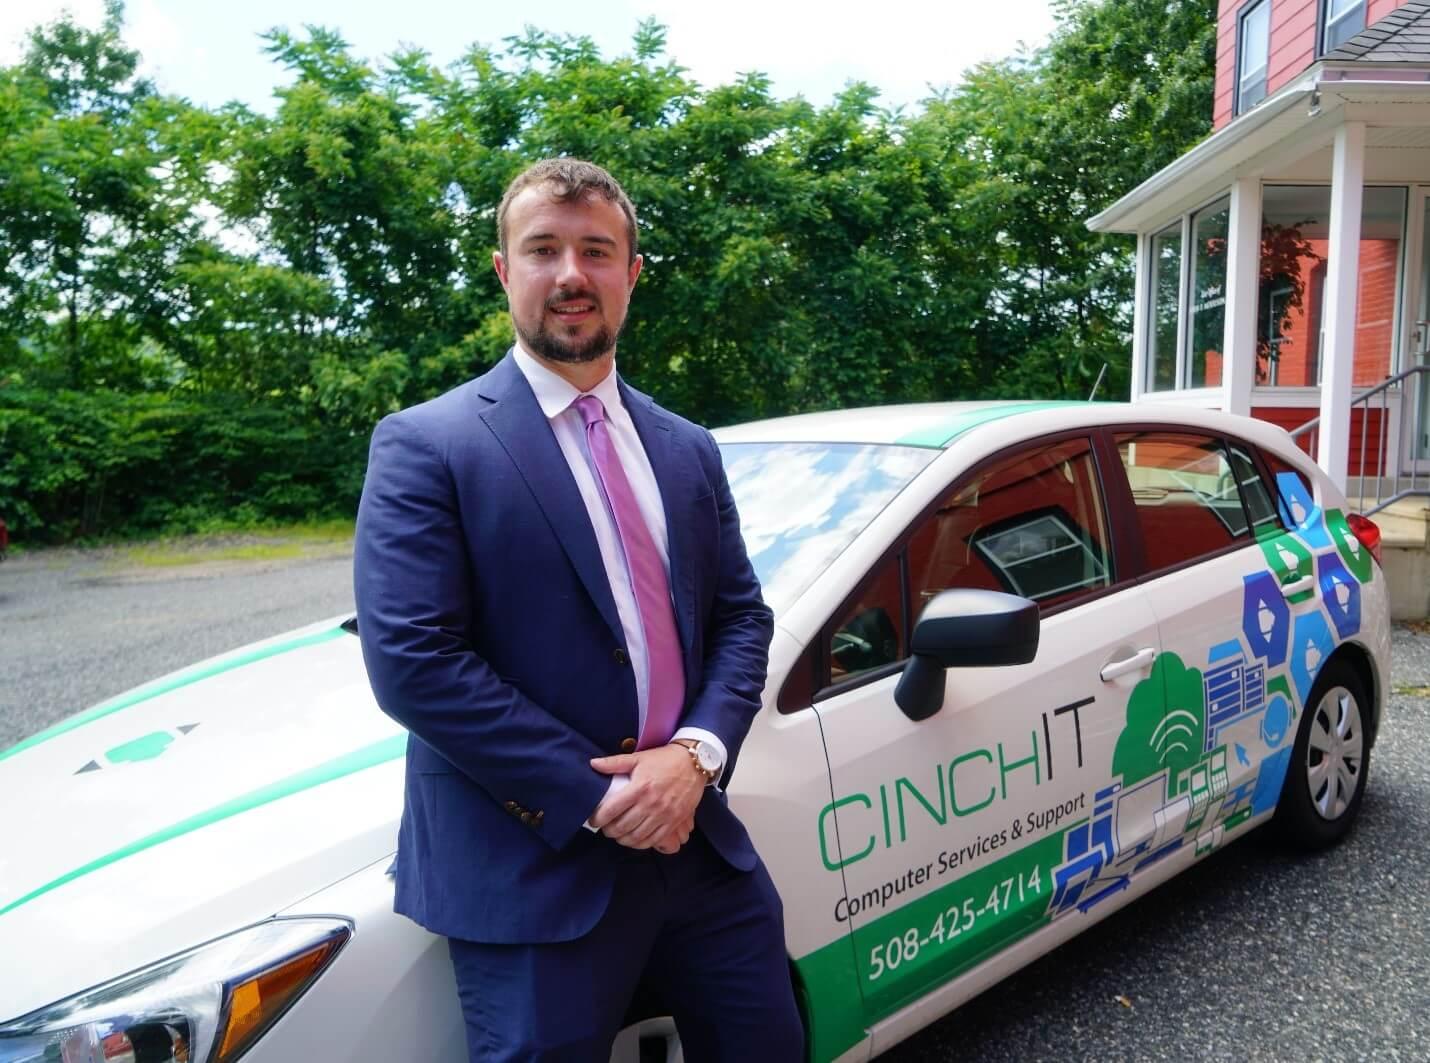 Franchise Spotlight: Jay Small of Cinch I.T.